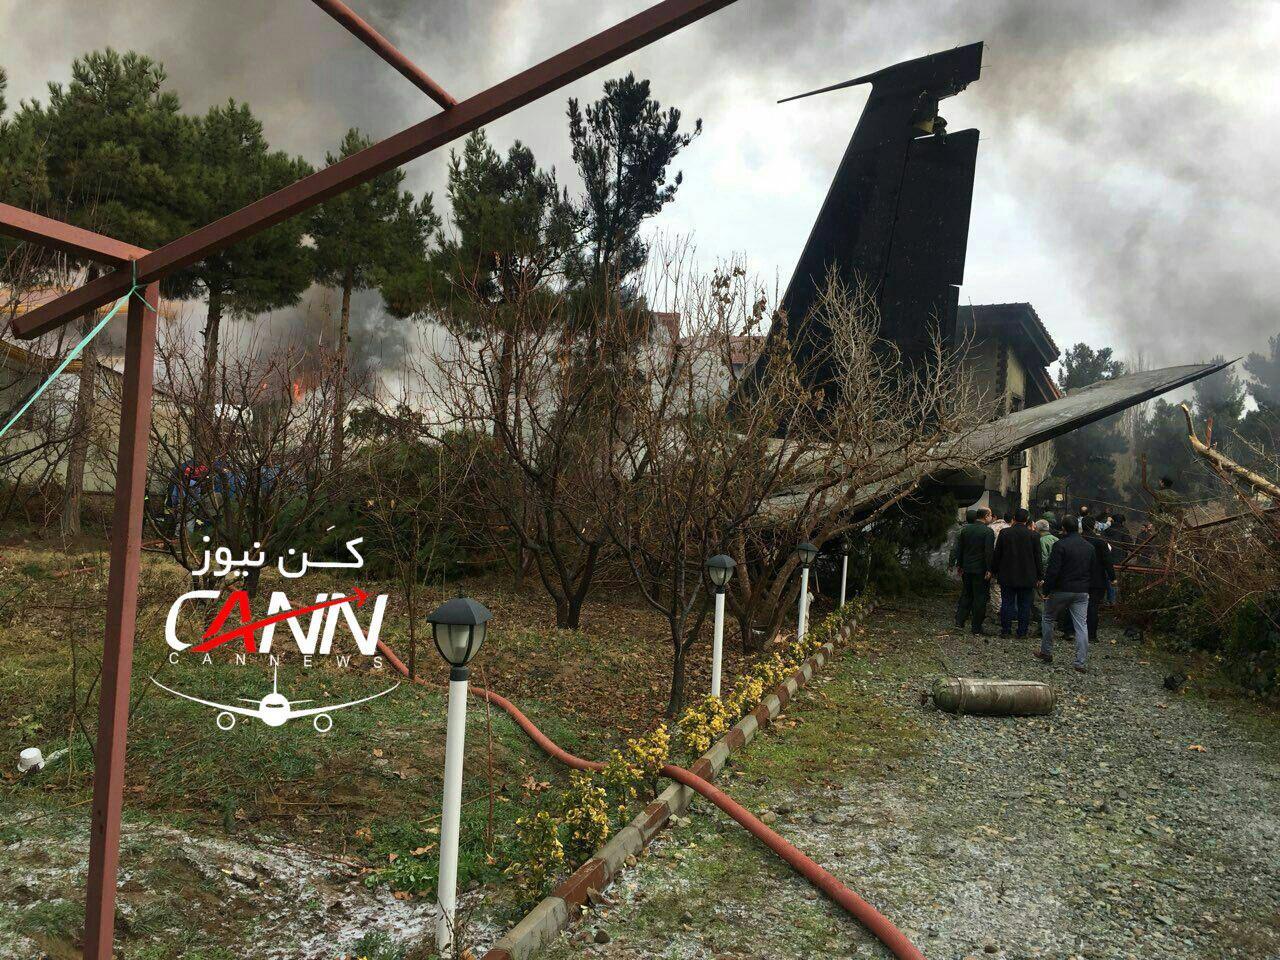 [NÓNG] Rơi gần thủ đô, Boeing-707 của quân đội Iran bốc cháy, chỉ 1 người sống sót - Ảnh 2.